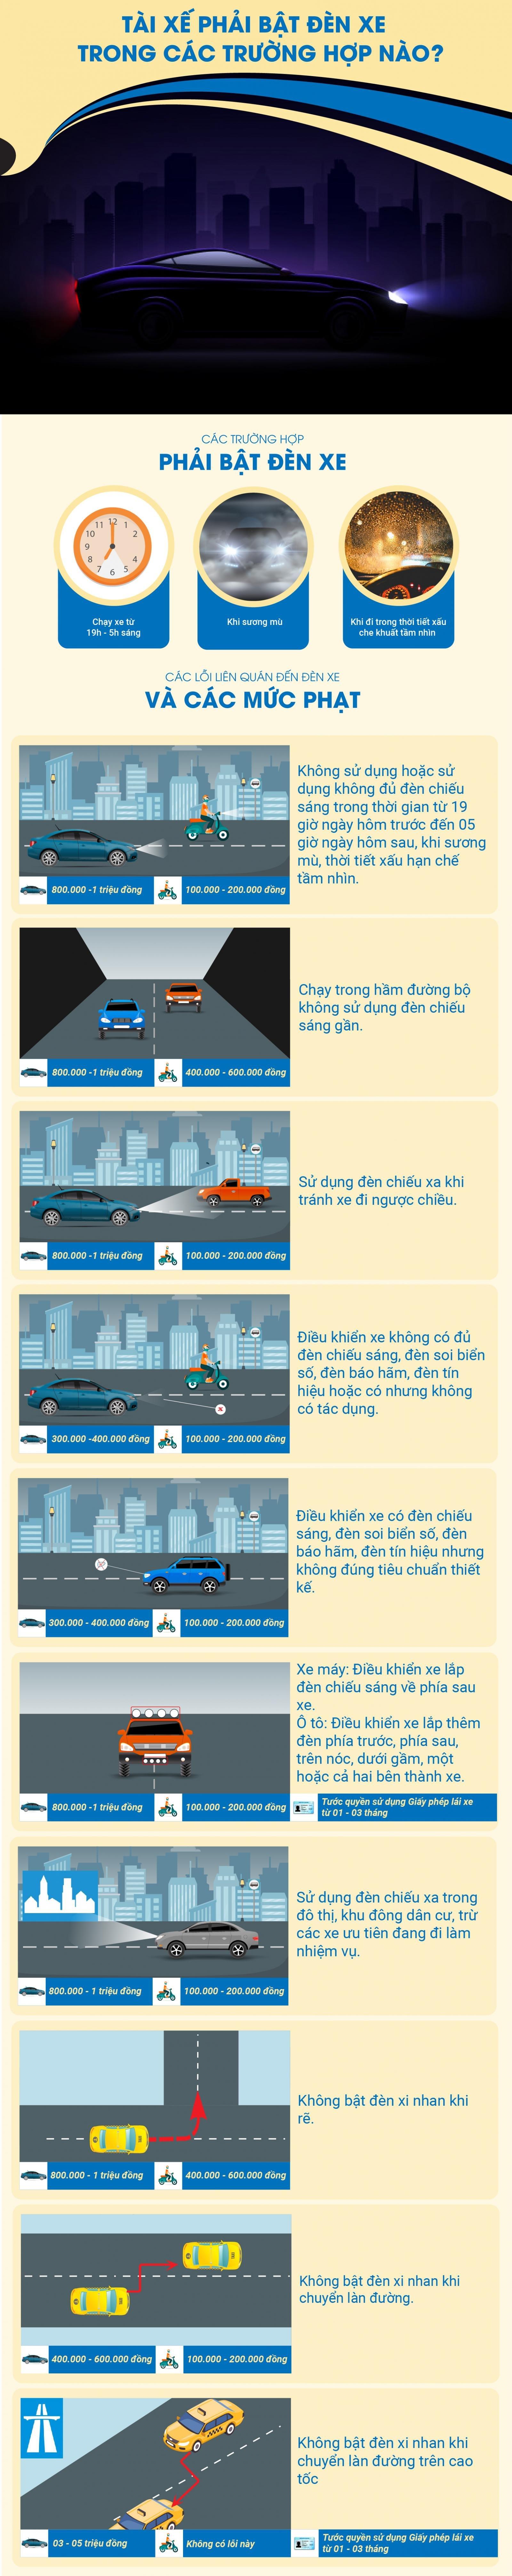 Infographic: Các trường hợp phải bật đèn và mức phạt sử dụng đèn xe sai quy định